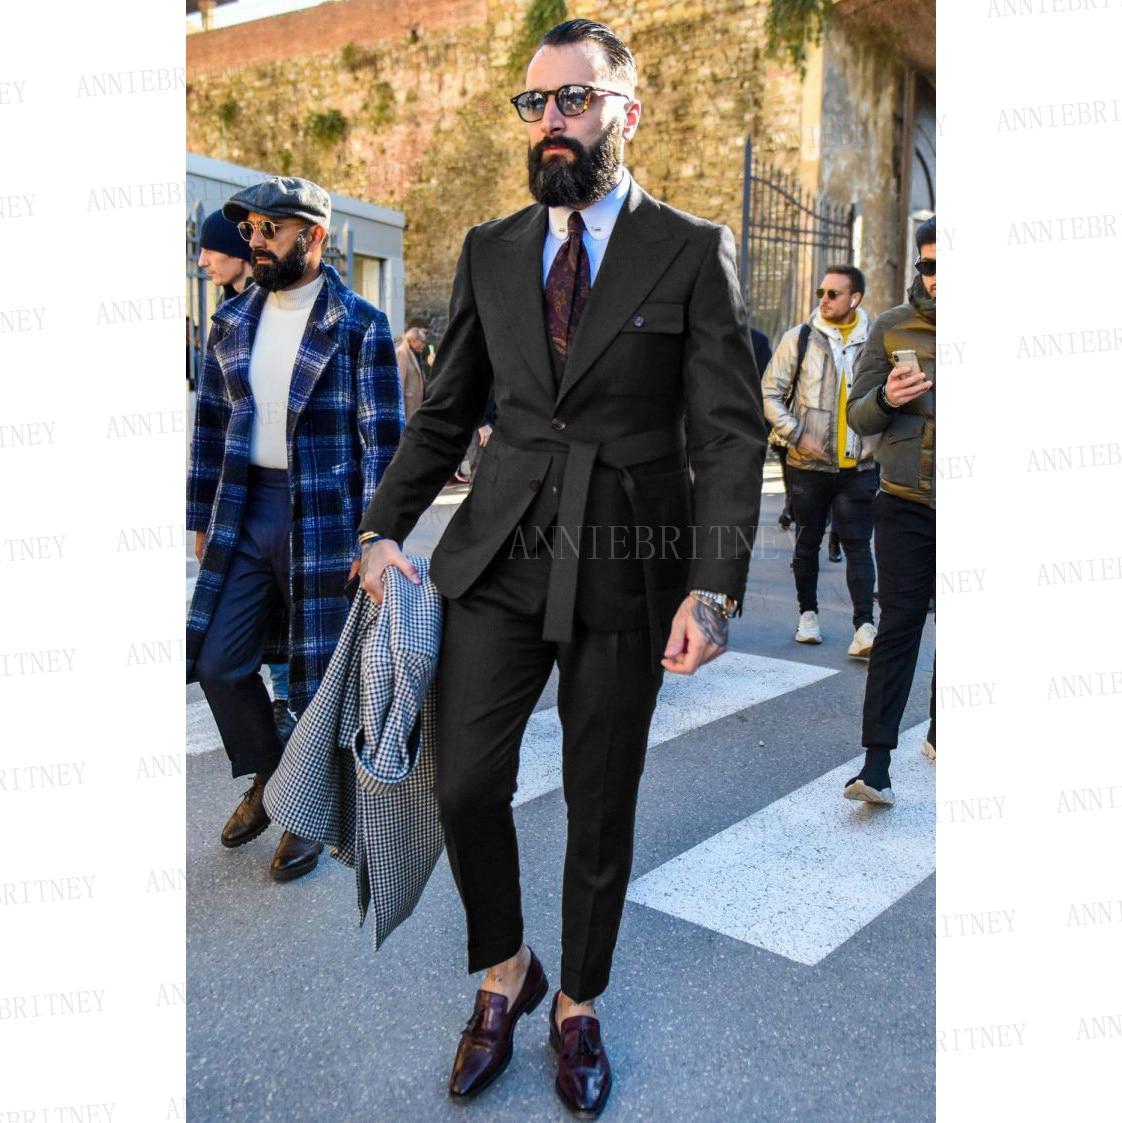 2021 جديد الرسمي أزياء الرجال بدلة سوداء الملابس 3 قطع مصممة صالح سليم المعتاد المطربين مرحلة الأداء سترة سترة السراويل